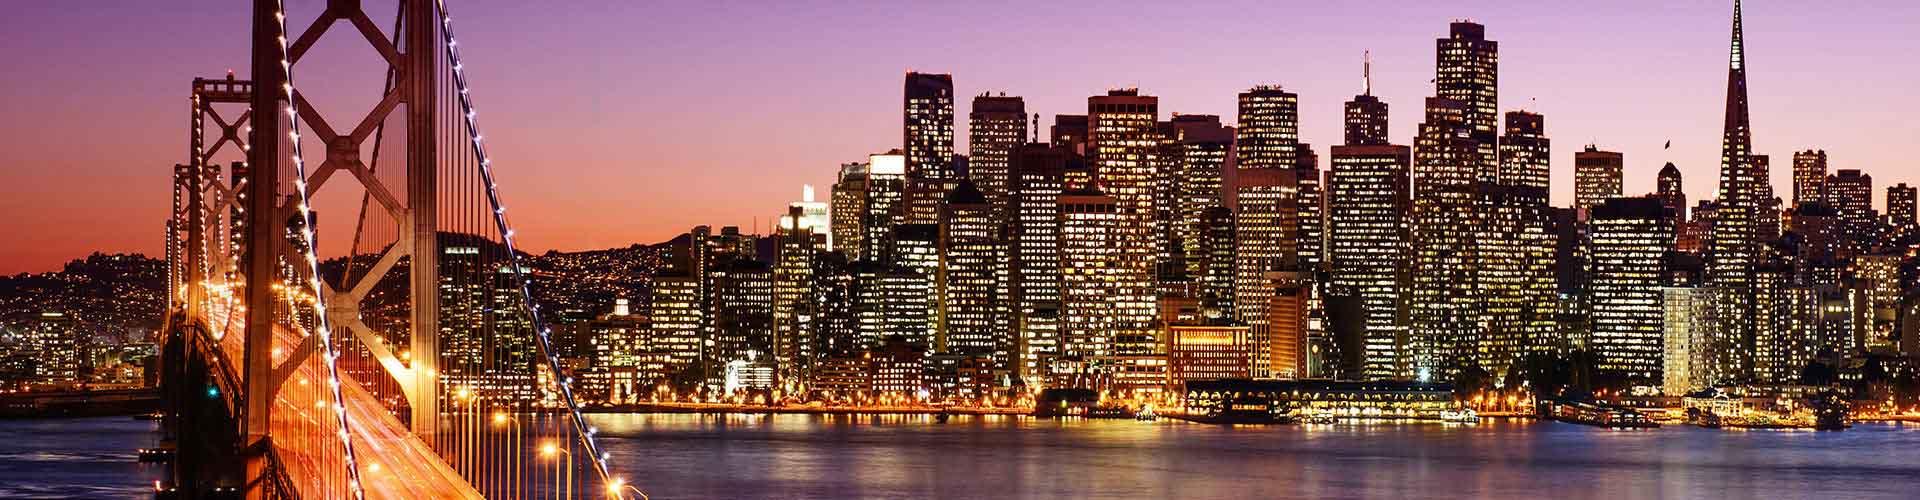 샌프란시스코 - 트랜스베이 터미널에 가까운 아파트. 샌프란시스코의 지도, 샌프란시스코에 위치한 아파트에 대한 사진 및 리뷰.